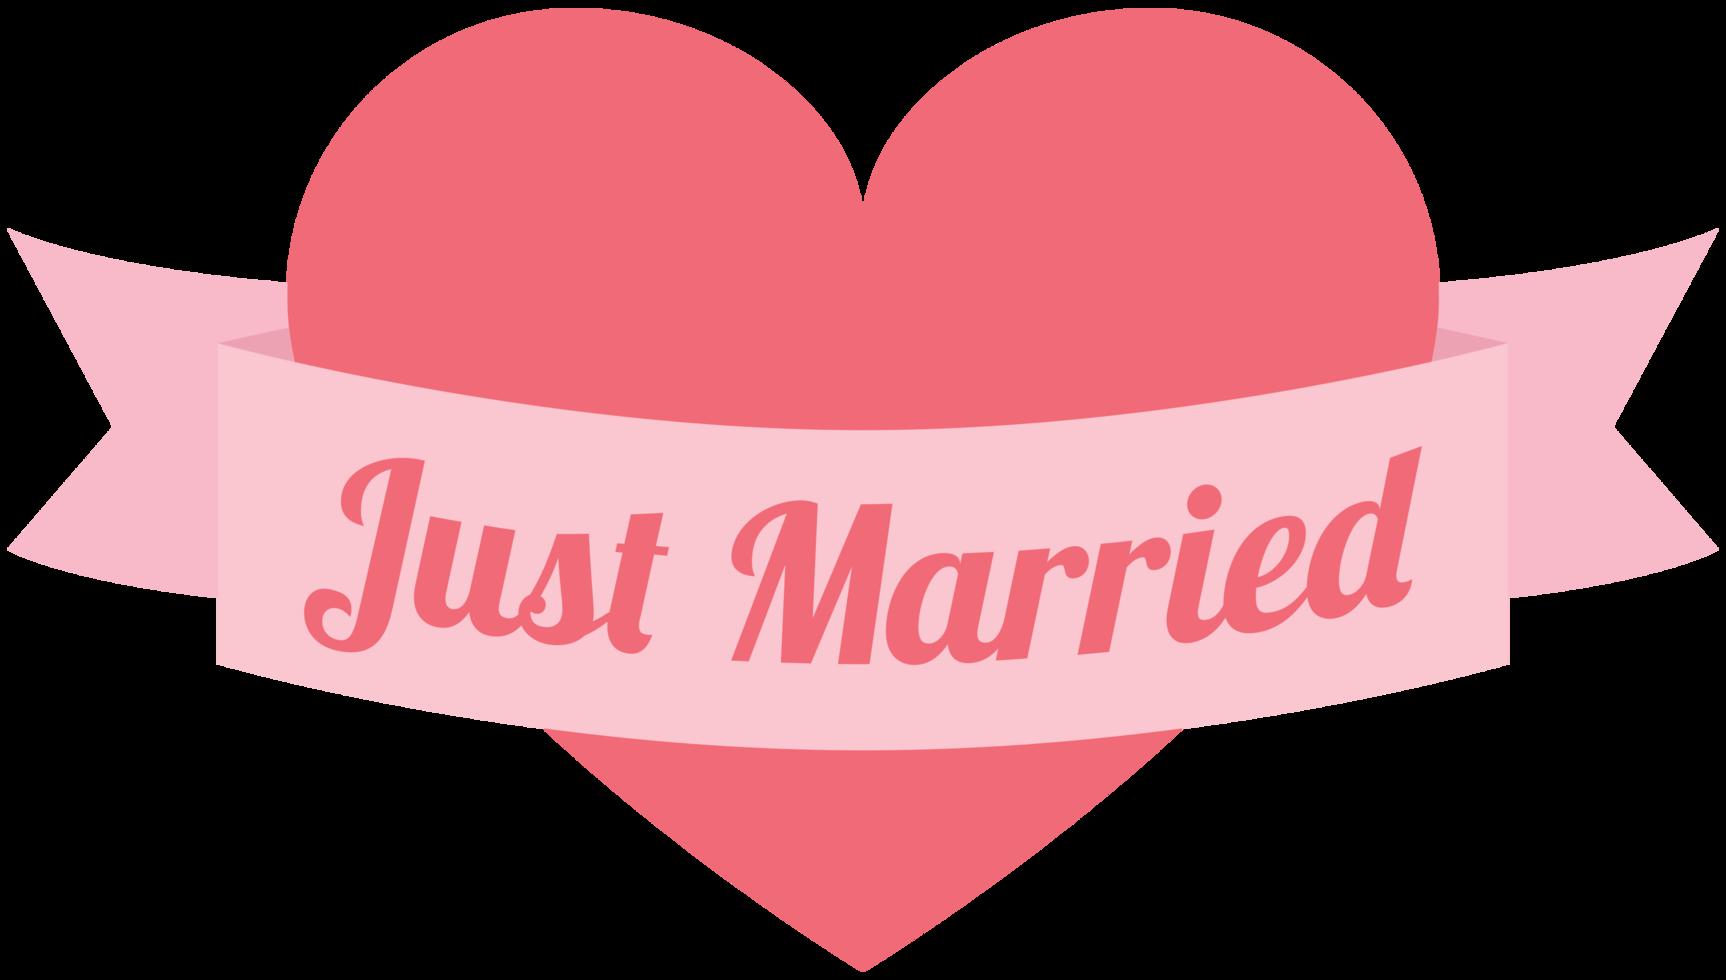 coeur vient de se marier png